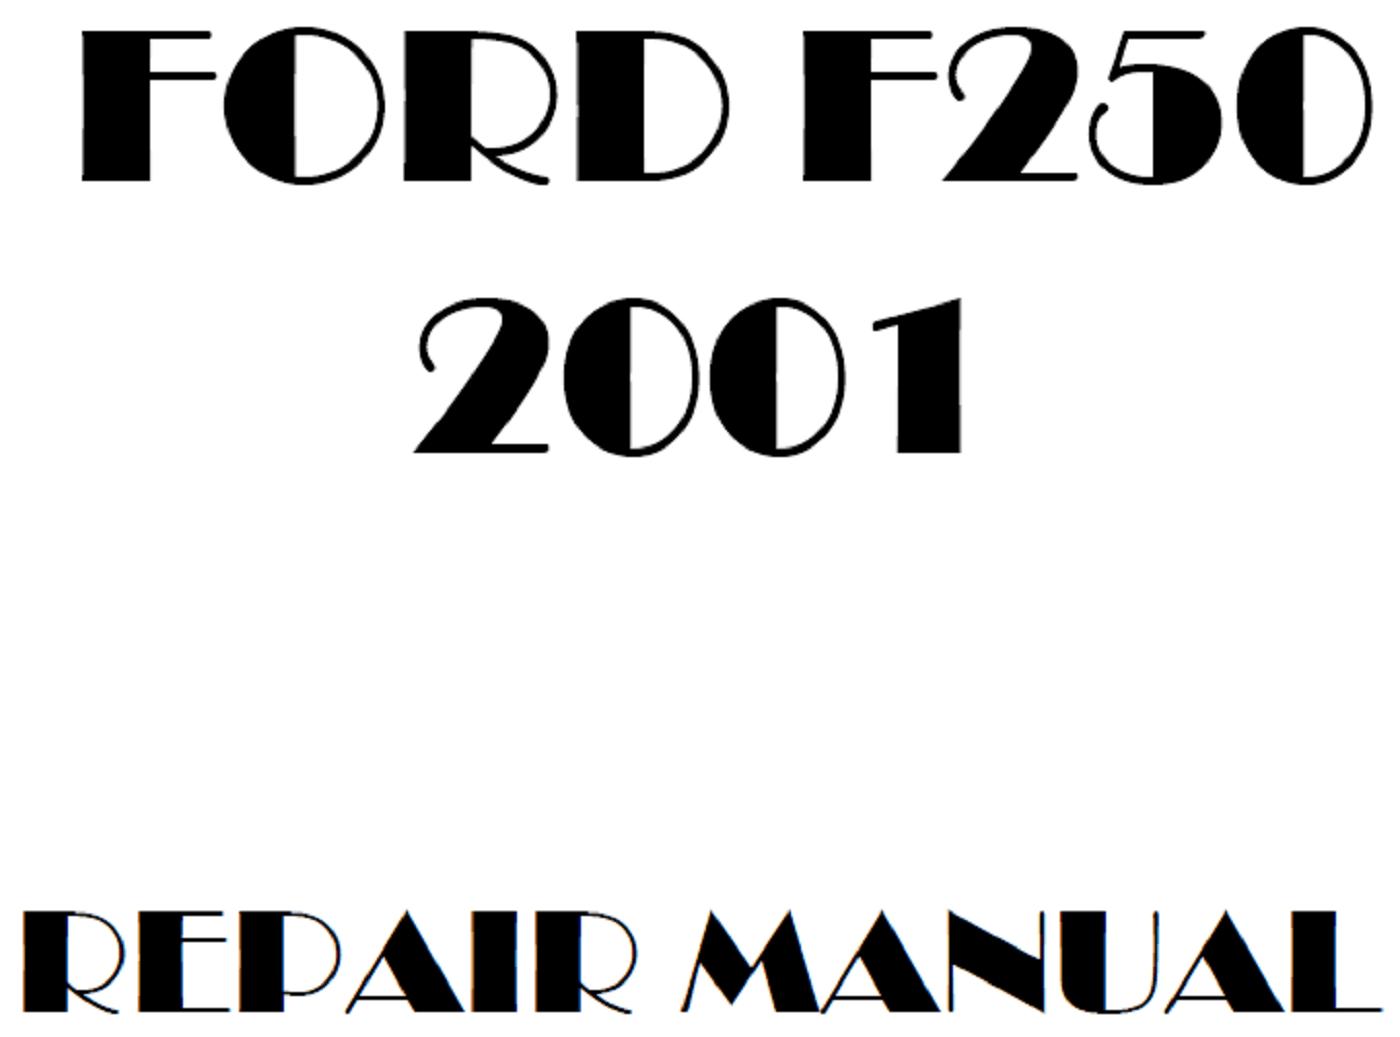 2001 Ford F250 F350 F450 F550 repair manual